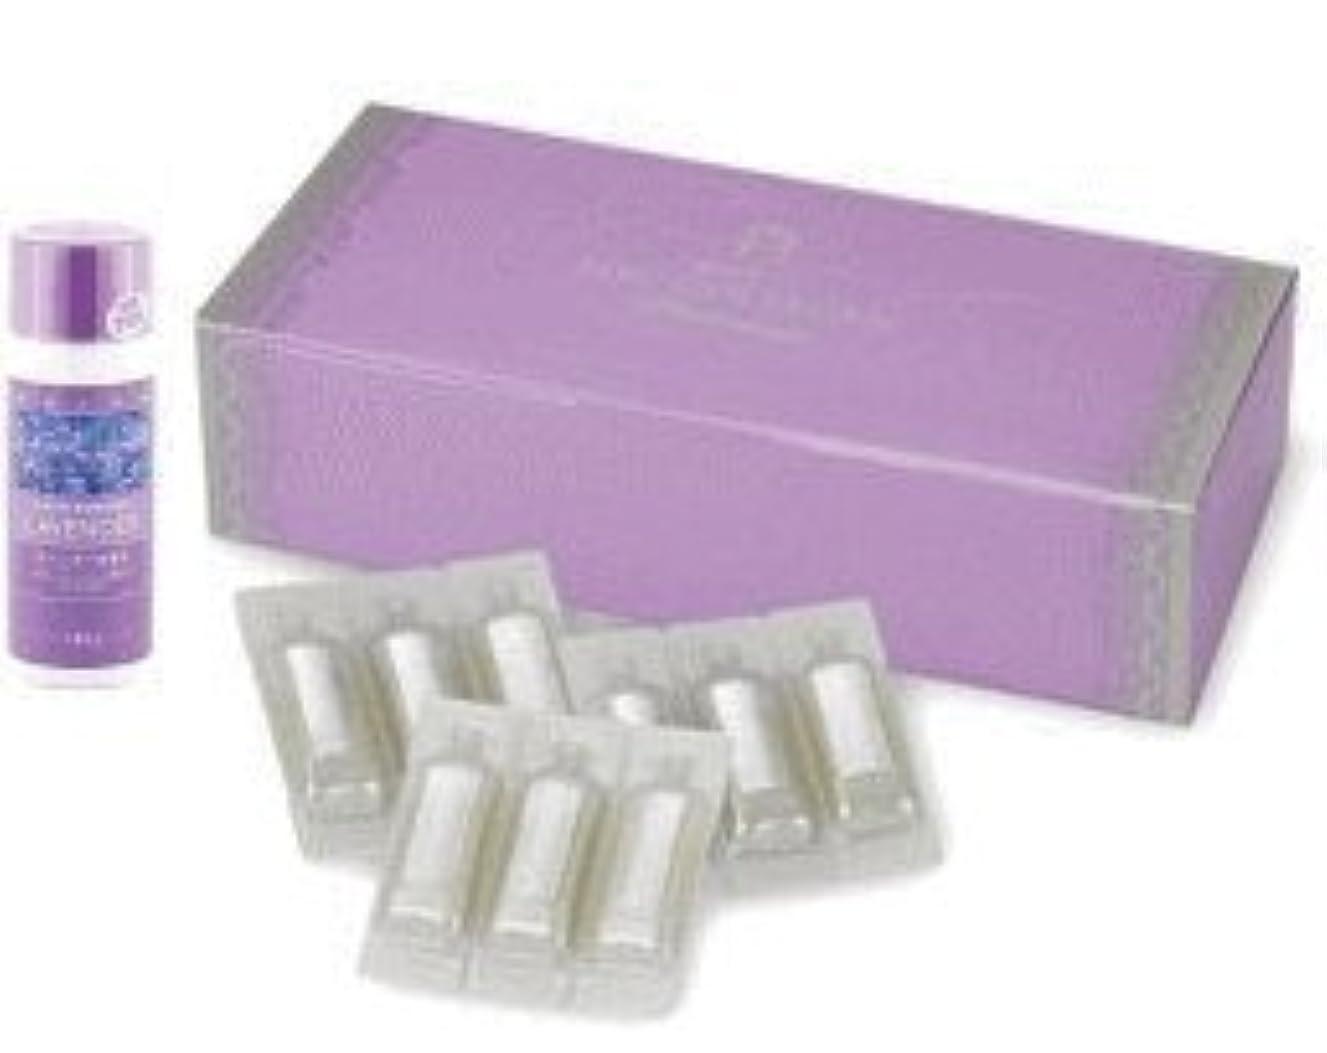 充実抵抗日食アリミノ 塗るサプリ HSCコラーゲンプラチナム 5ml×18本入 入浴剤セット